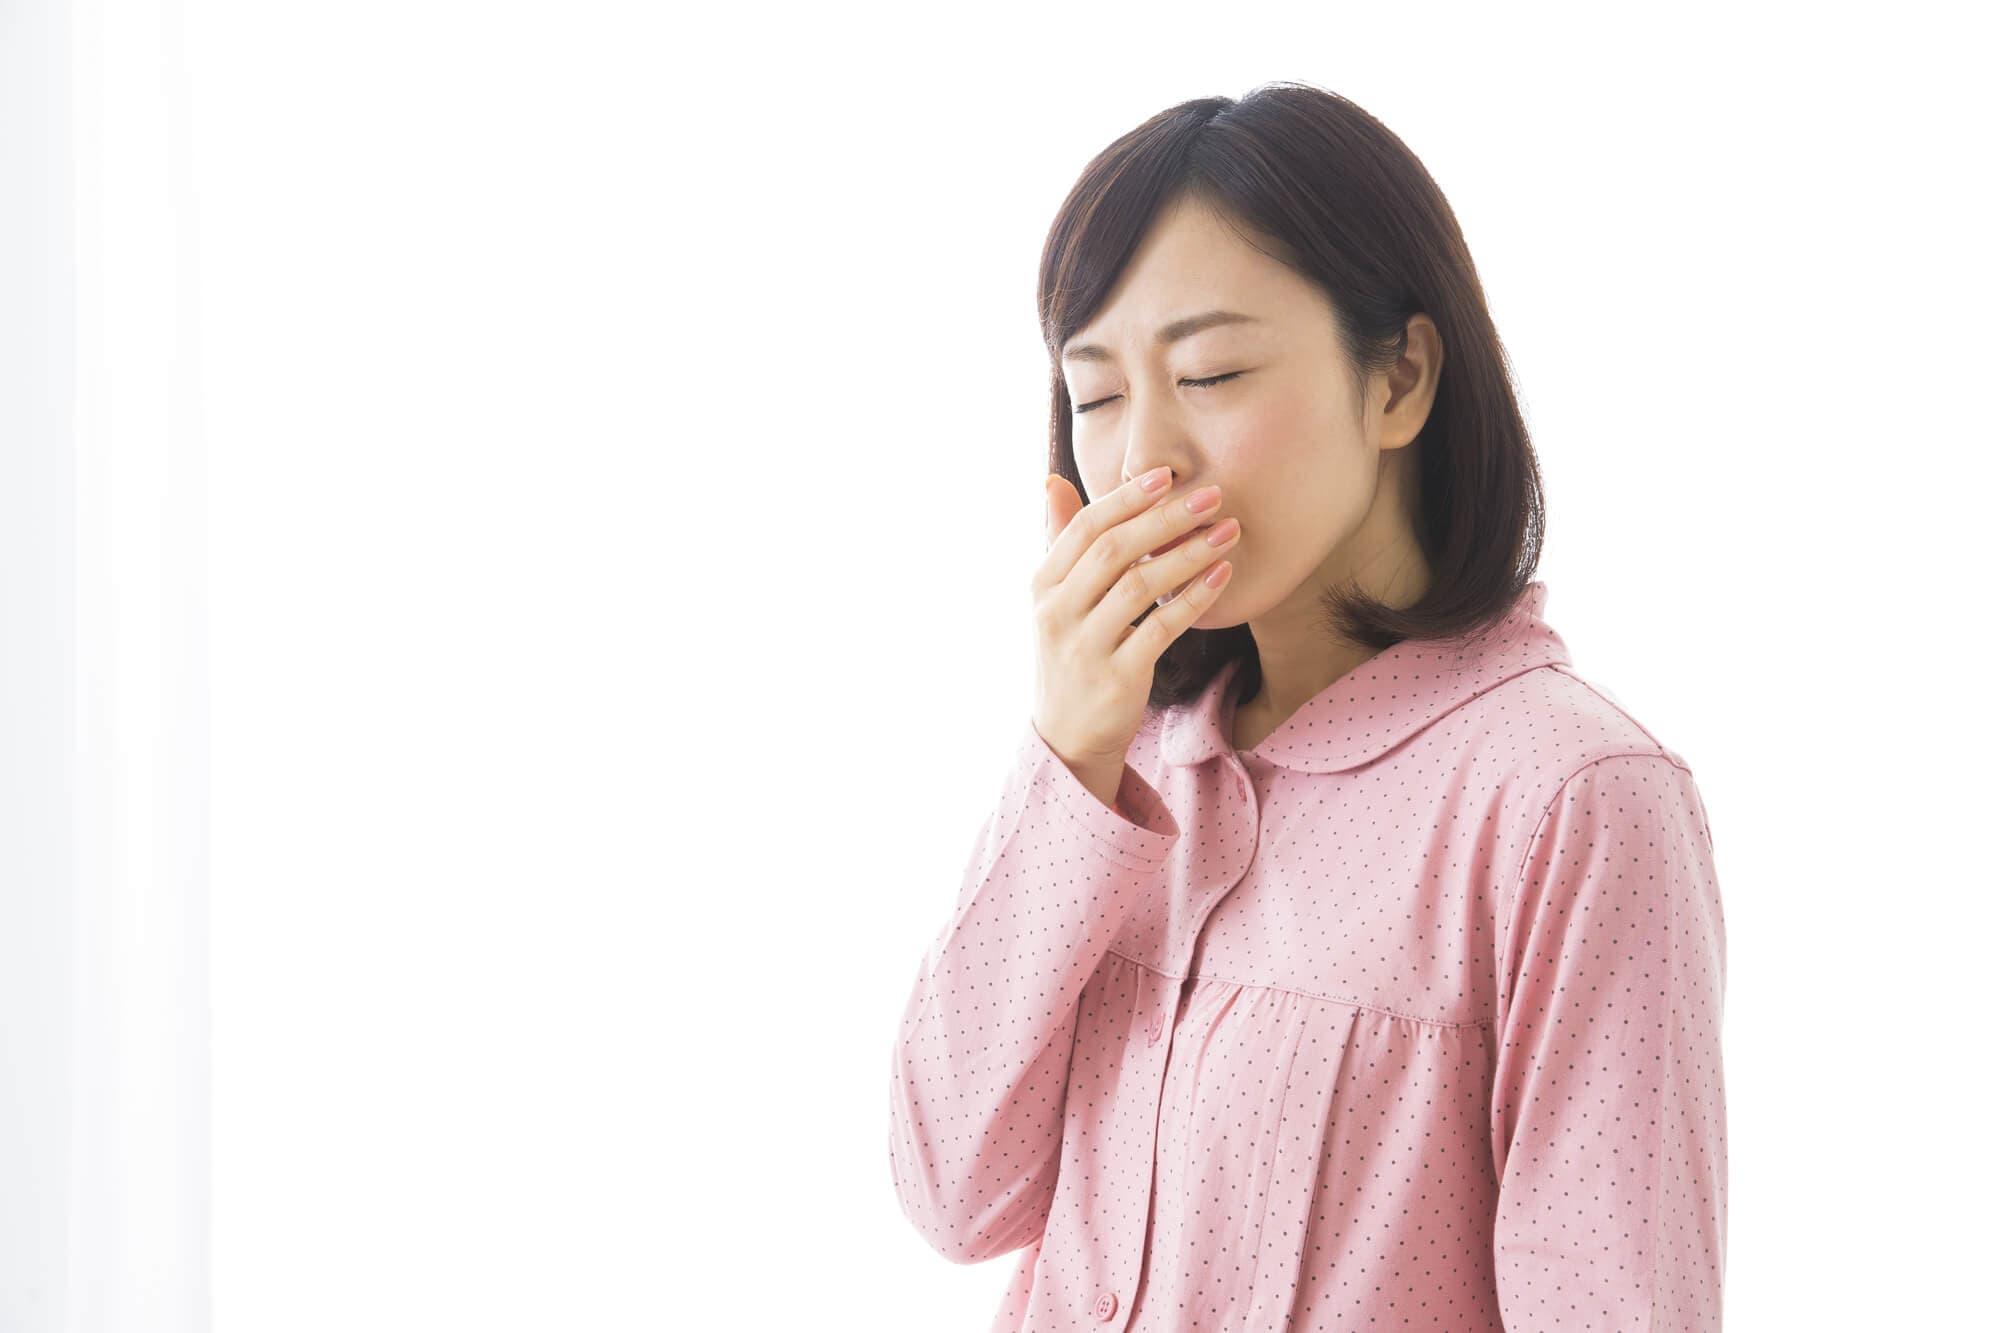 【調査】その症状はみんな一緒?妊娠中に1番つらいと感じた体のトラブルについて